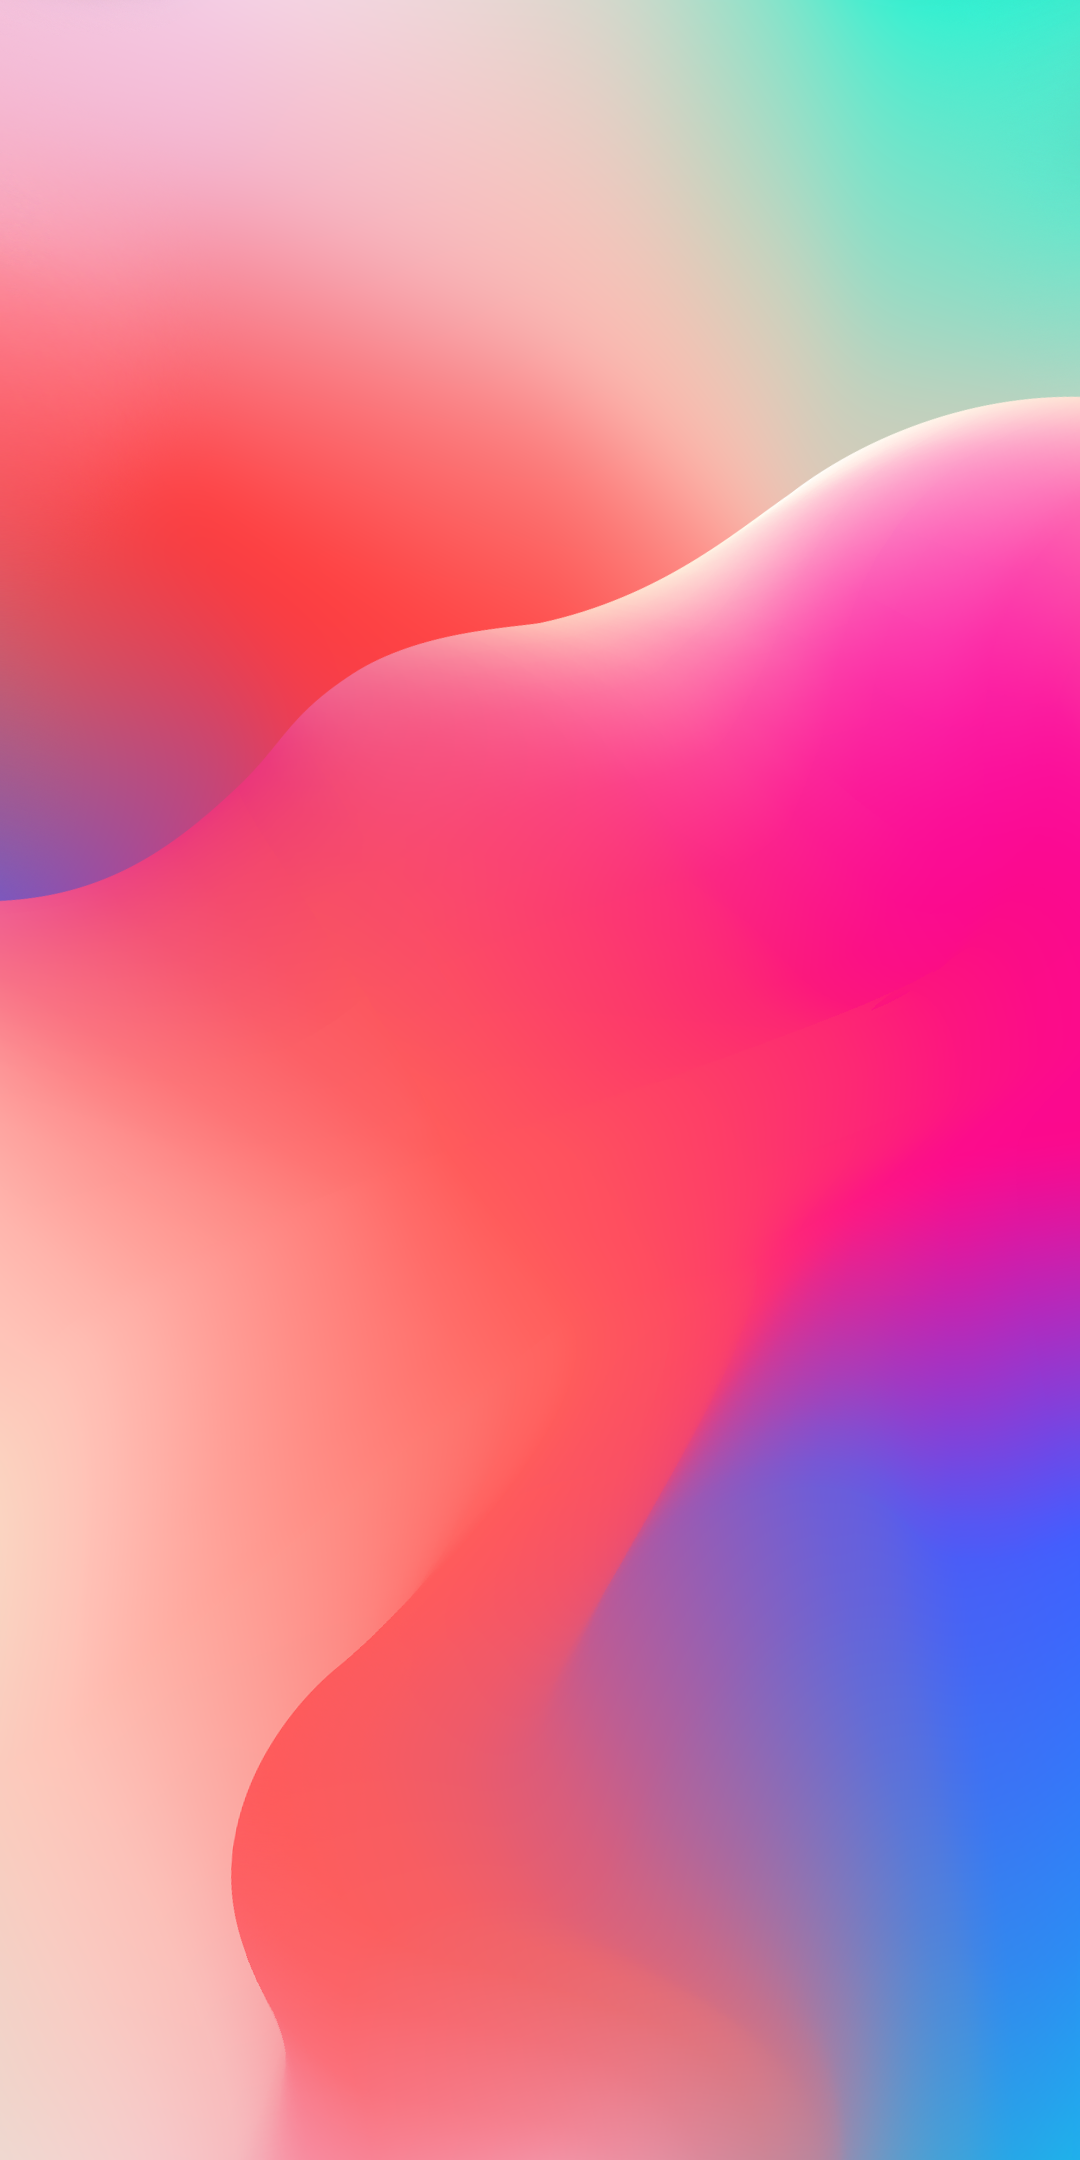 Pin By Ibeahan On Full Hd Wallpaper In 2020 Desktop Wallpaper Design Huawei Wallpapers Cute Desktop Wallpaper